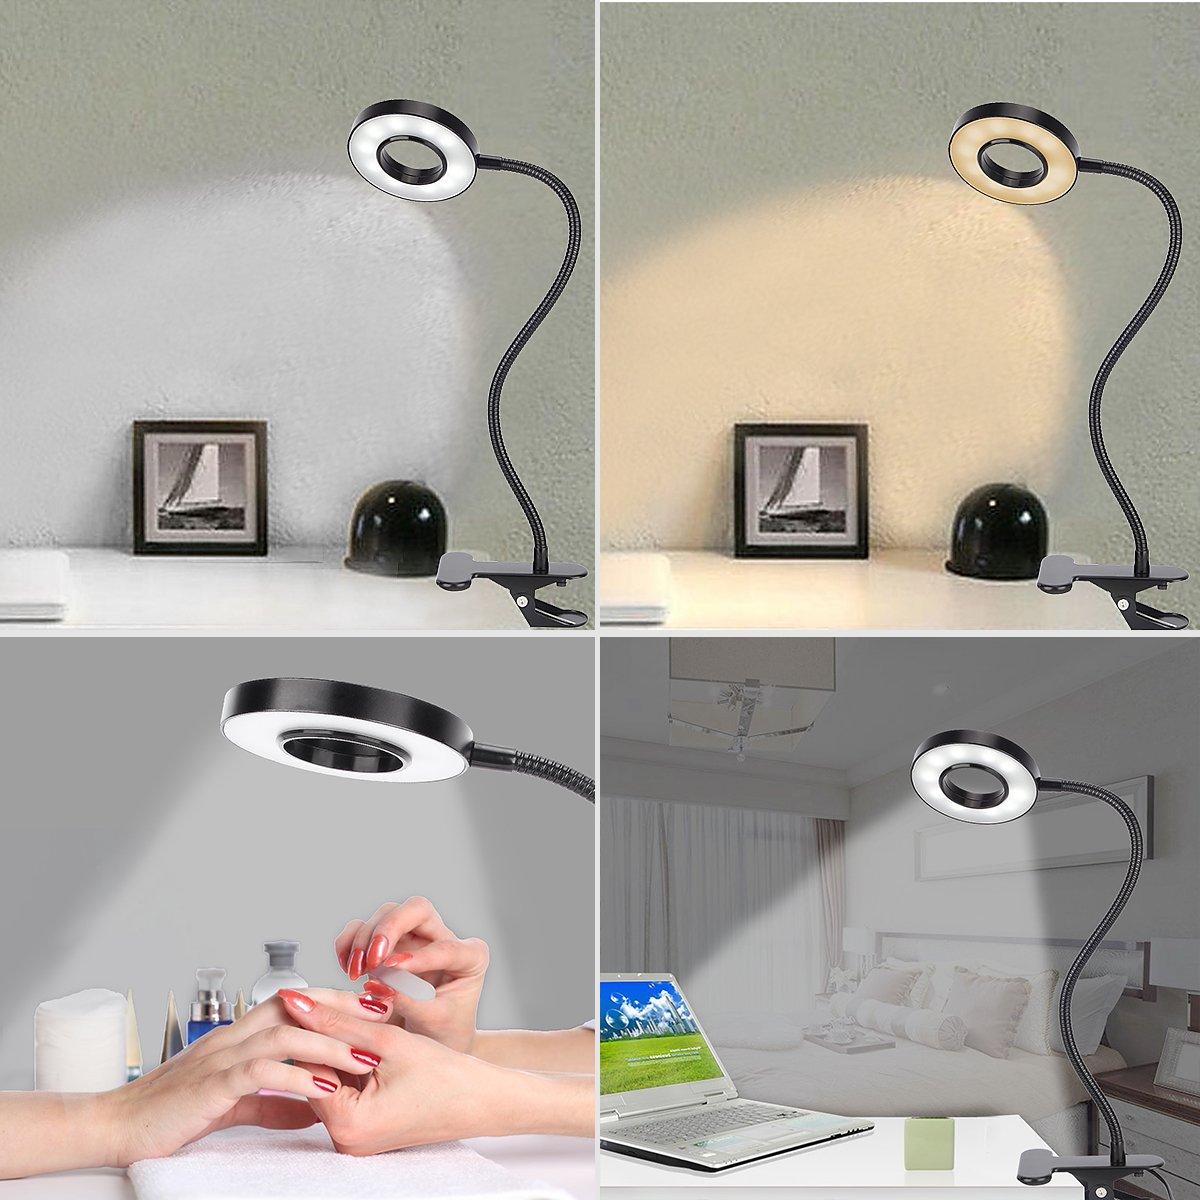 Kernorv Clip on Light/Reading Lights, 5W LED USB Dimmable 5 Color Modes Clip on Light Adjustable Brightness Portable Bed Reading Light Clip Lights for Bed Desk Headboard by Kernorv (Image #2)